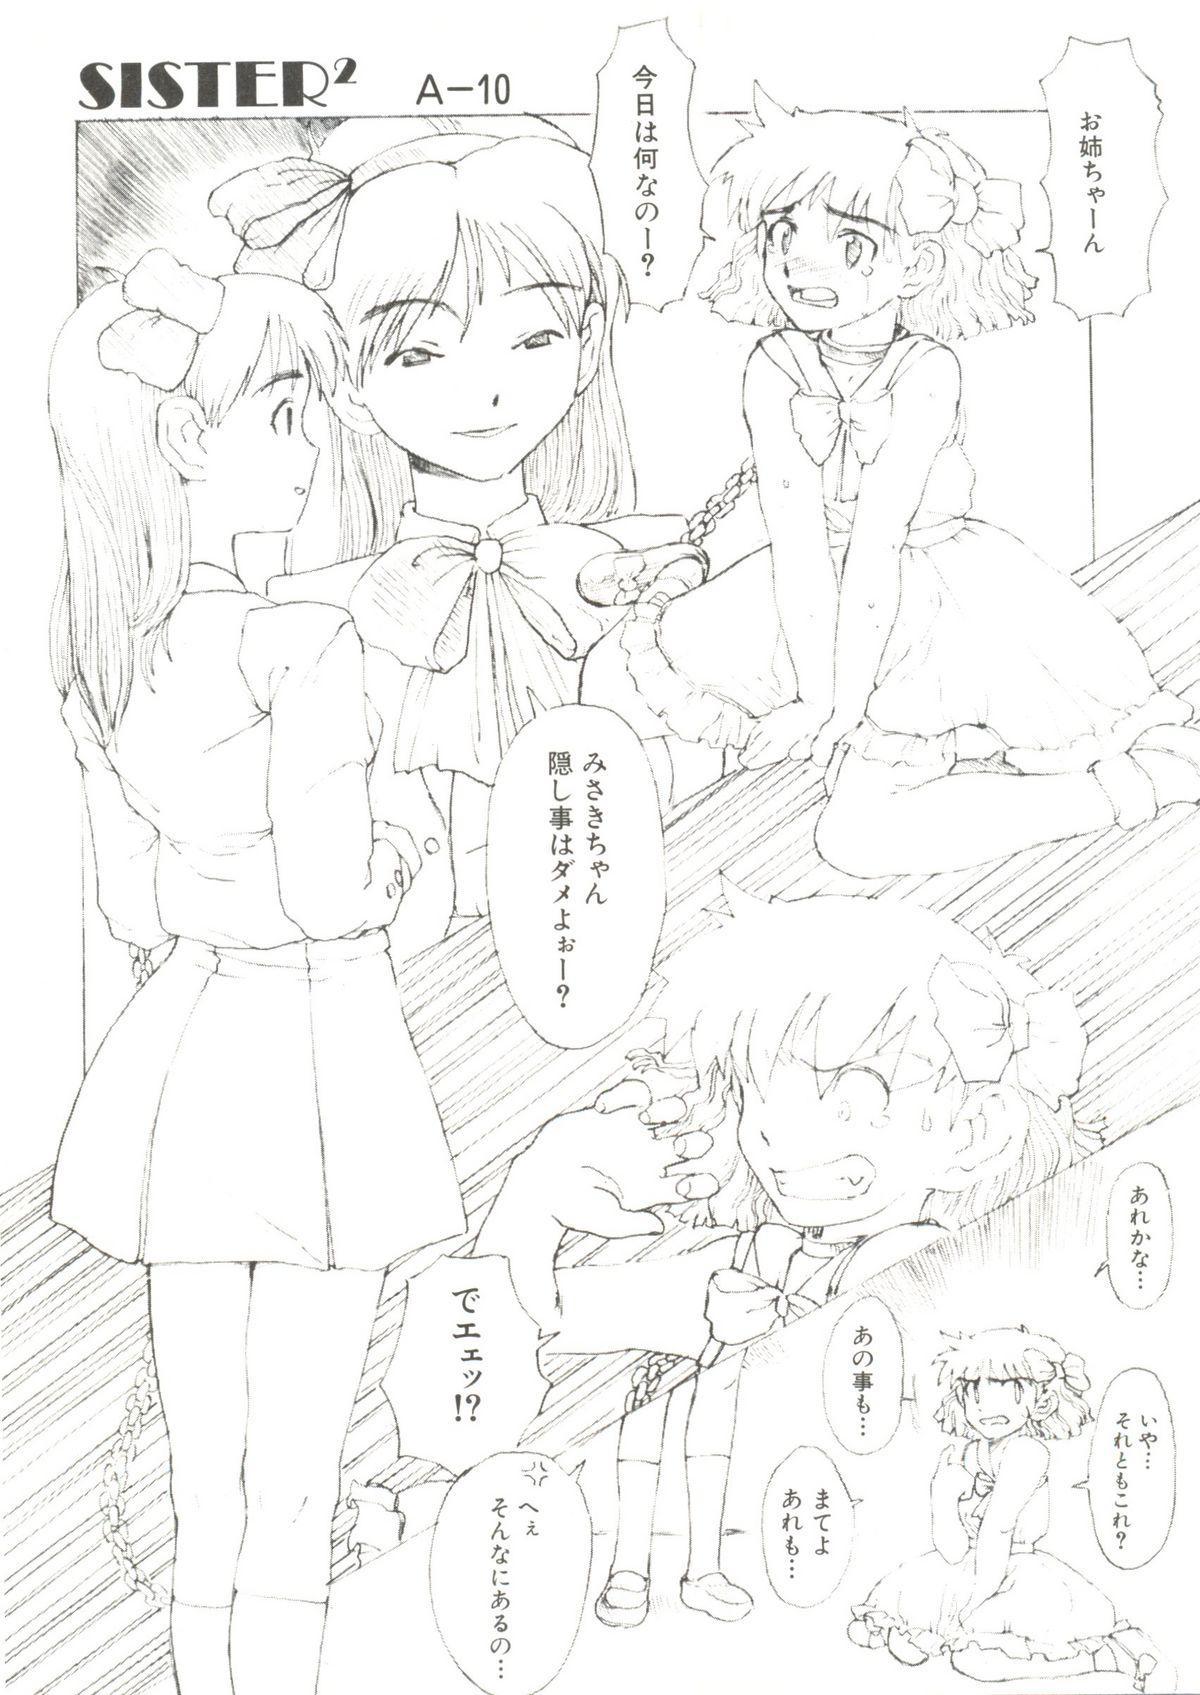 Denei Tamate Bako Bishoujo Doujinshi Anthology Vol. 2 - Nishinhou no Tenshi 130